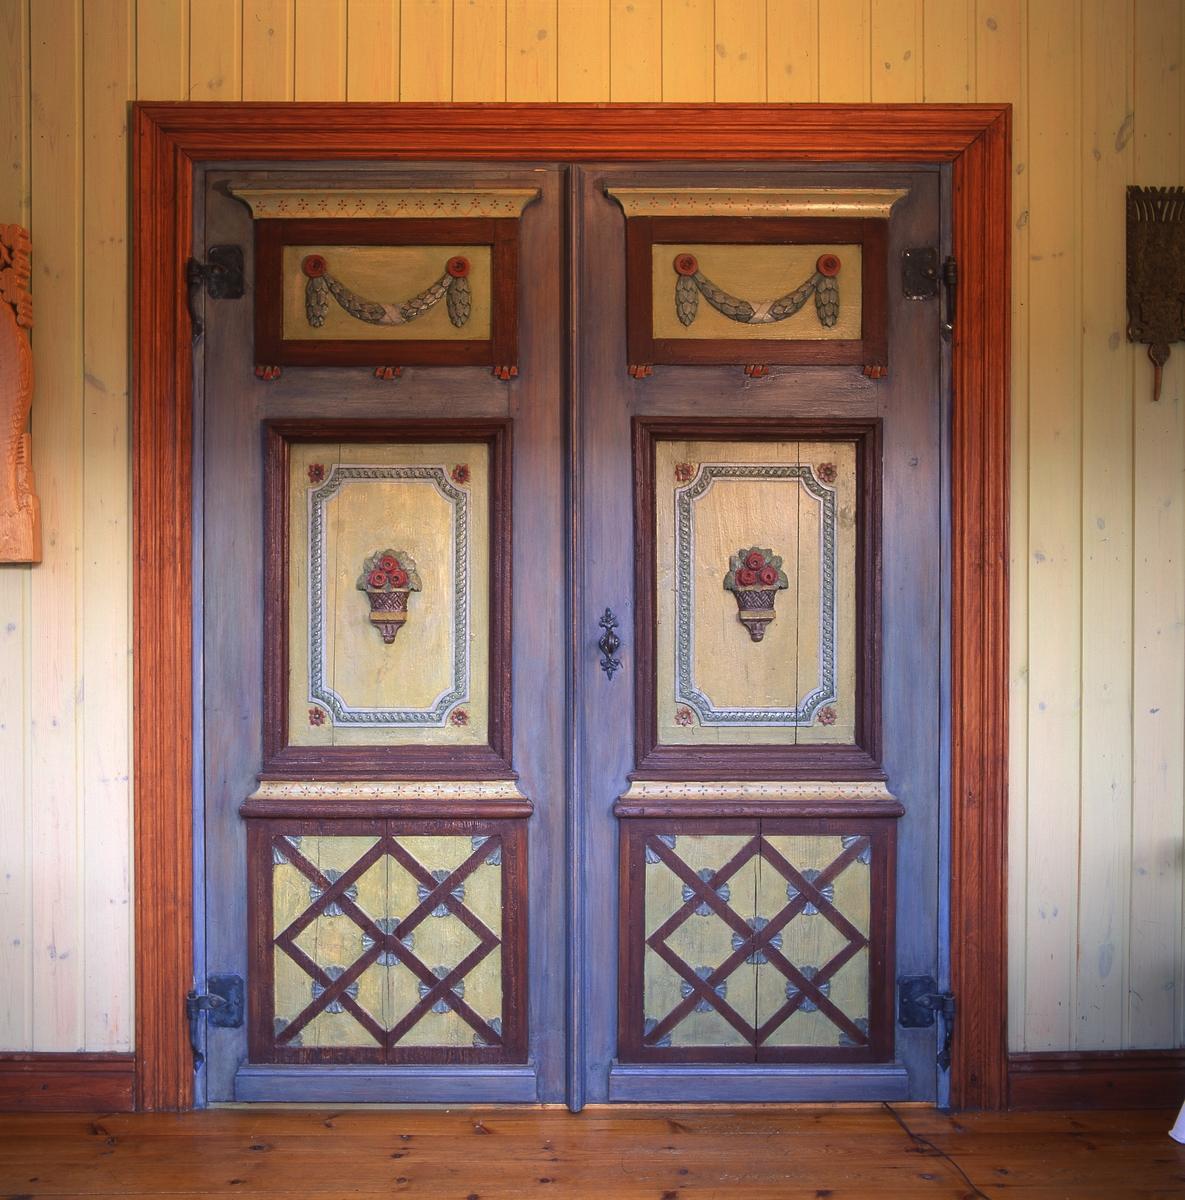 Ett par dörrar med bemålade detaljer, 12 juli 1997 på Livgården.